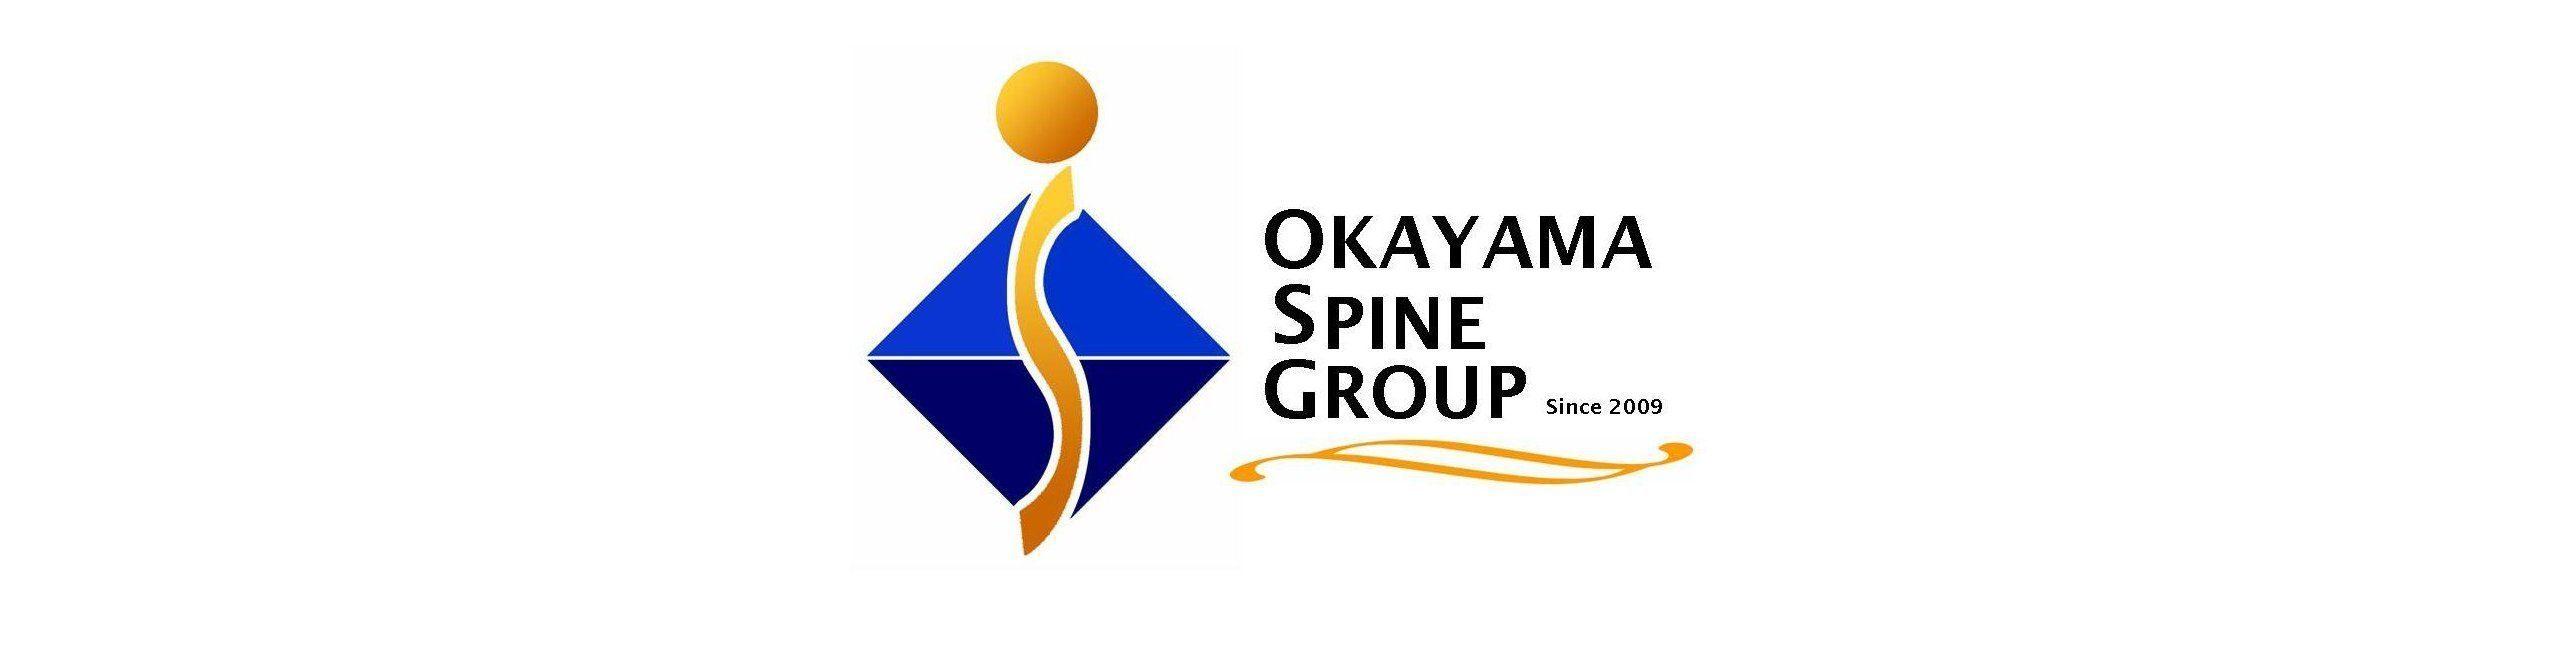 Okayama Spine Group